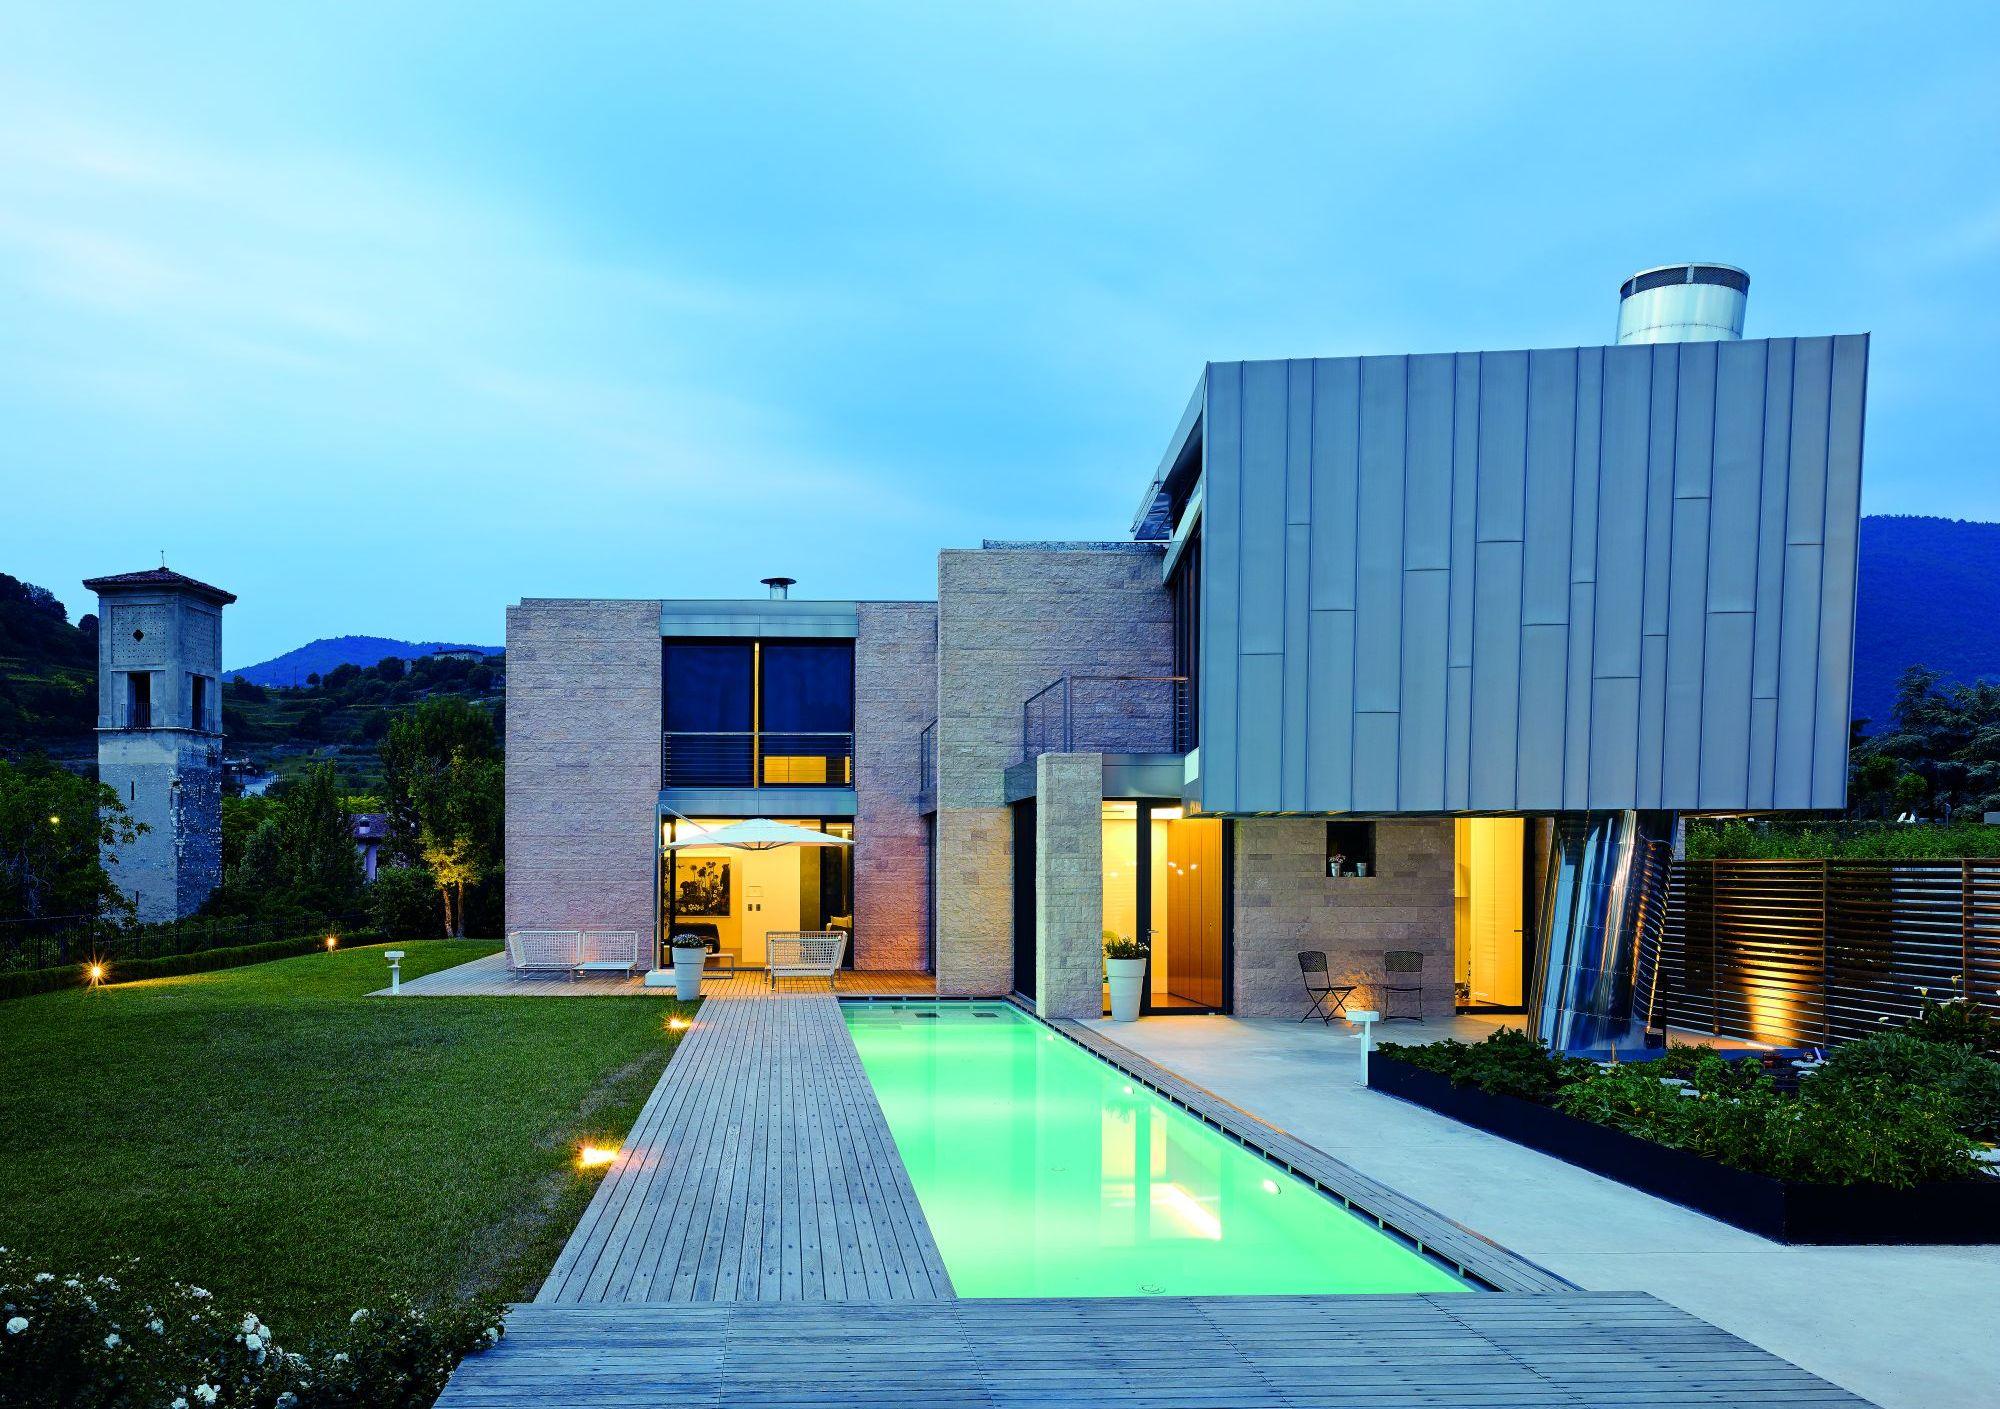 Металеві покрівлі, титанові цинкові фасади та водовідведення